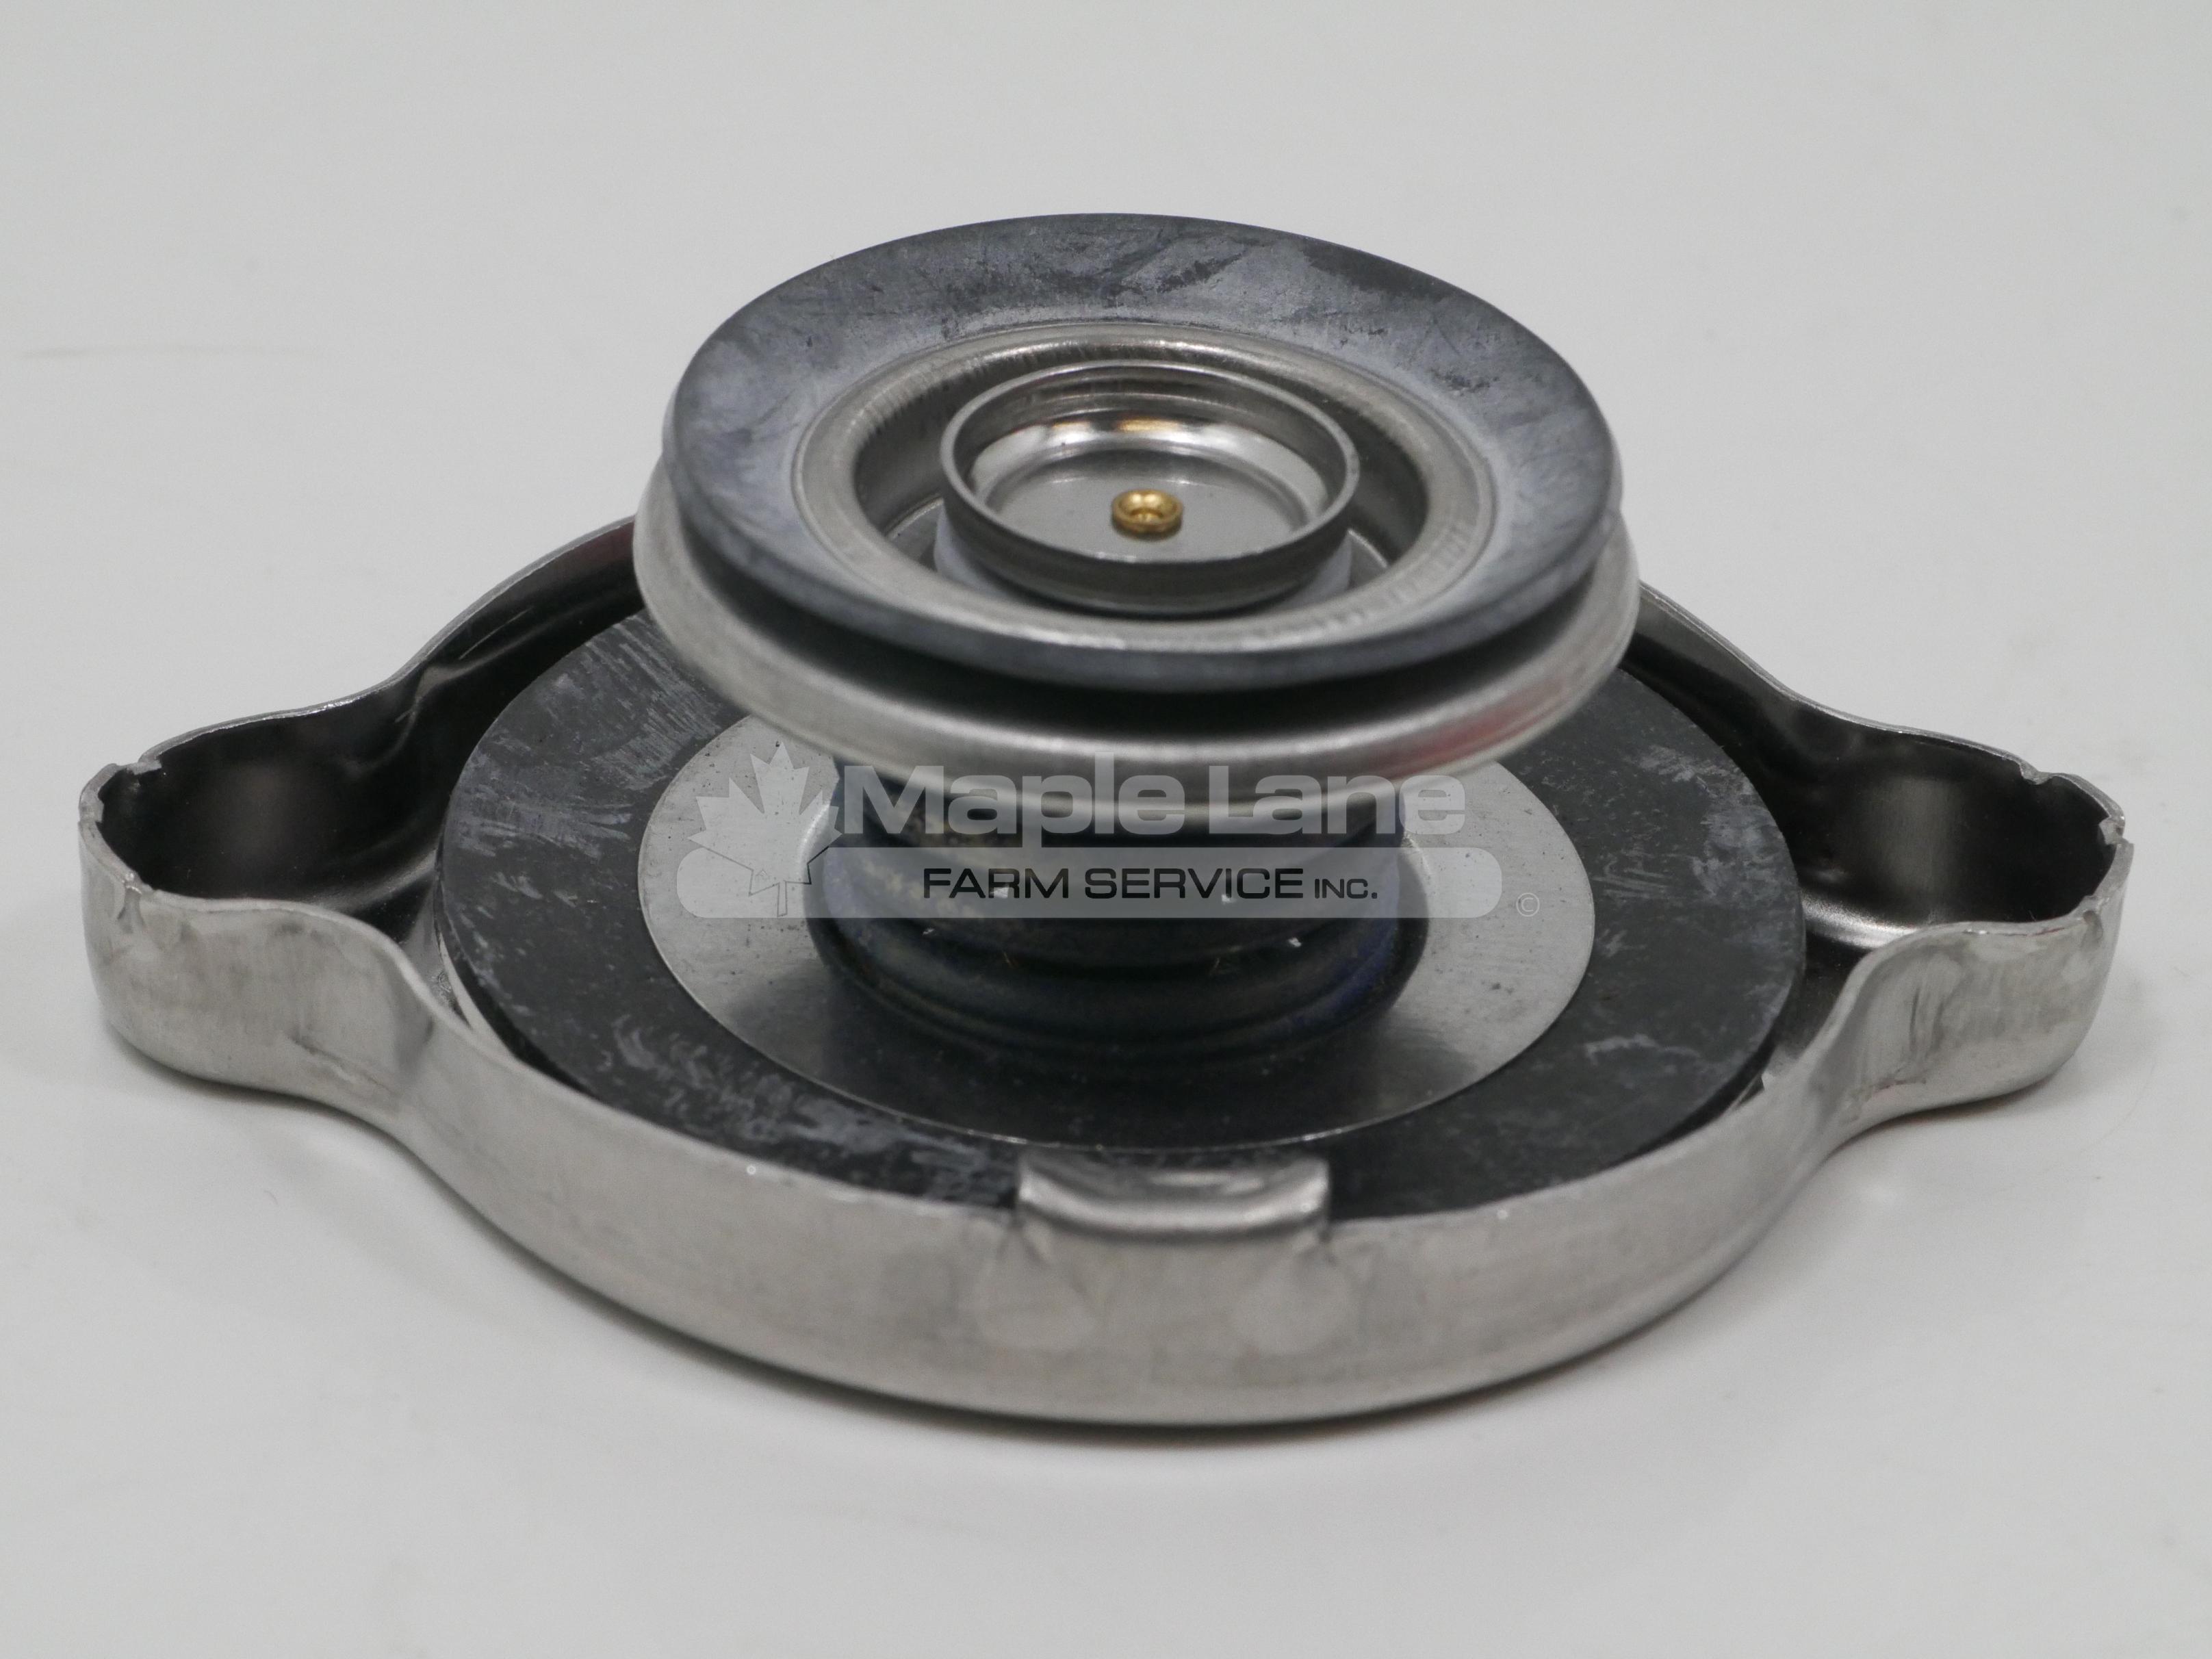 4296015M1 Radiator Cap